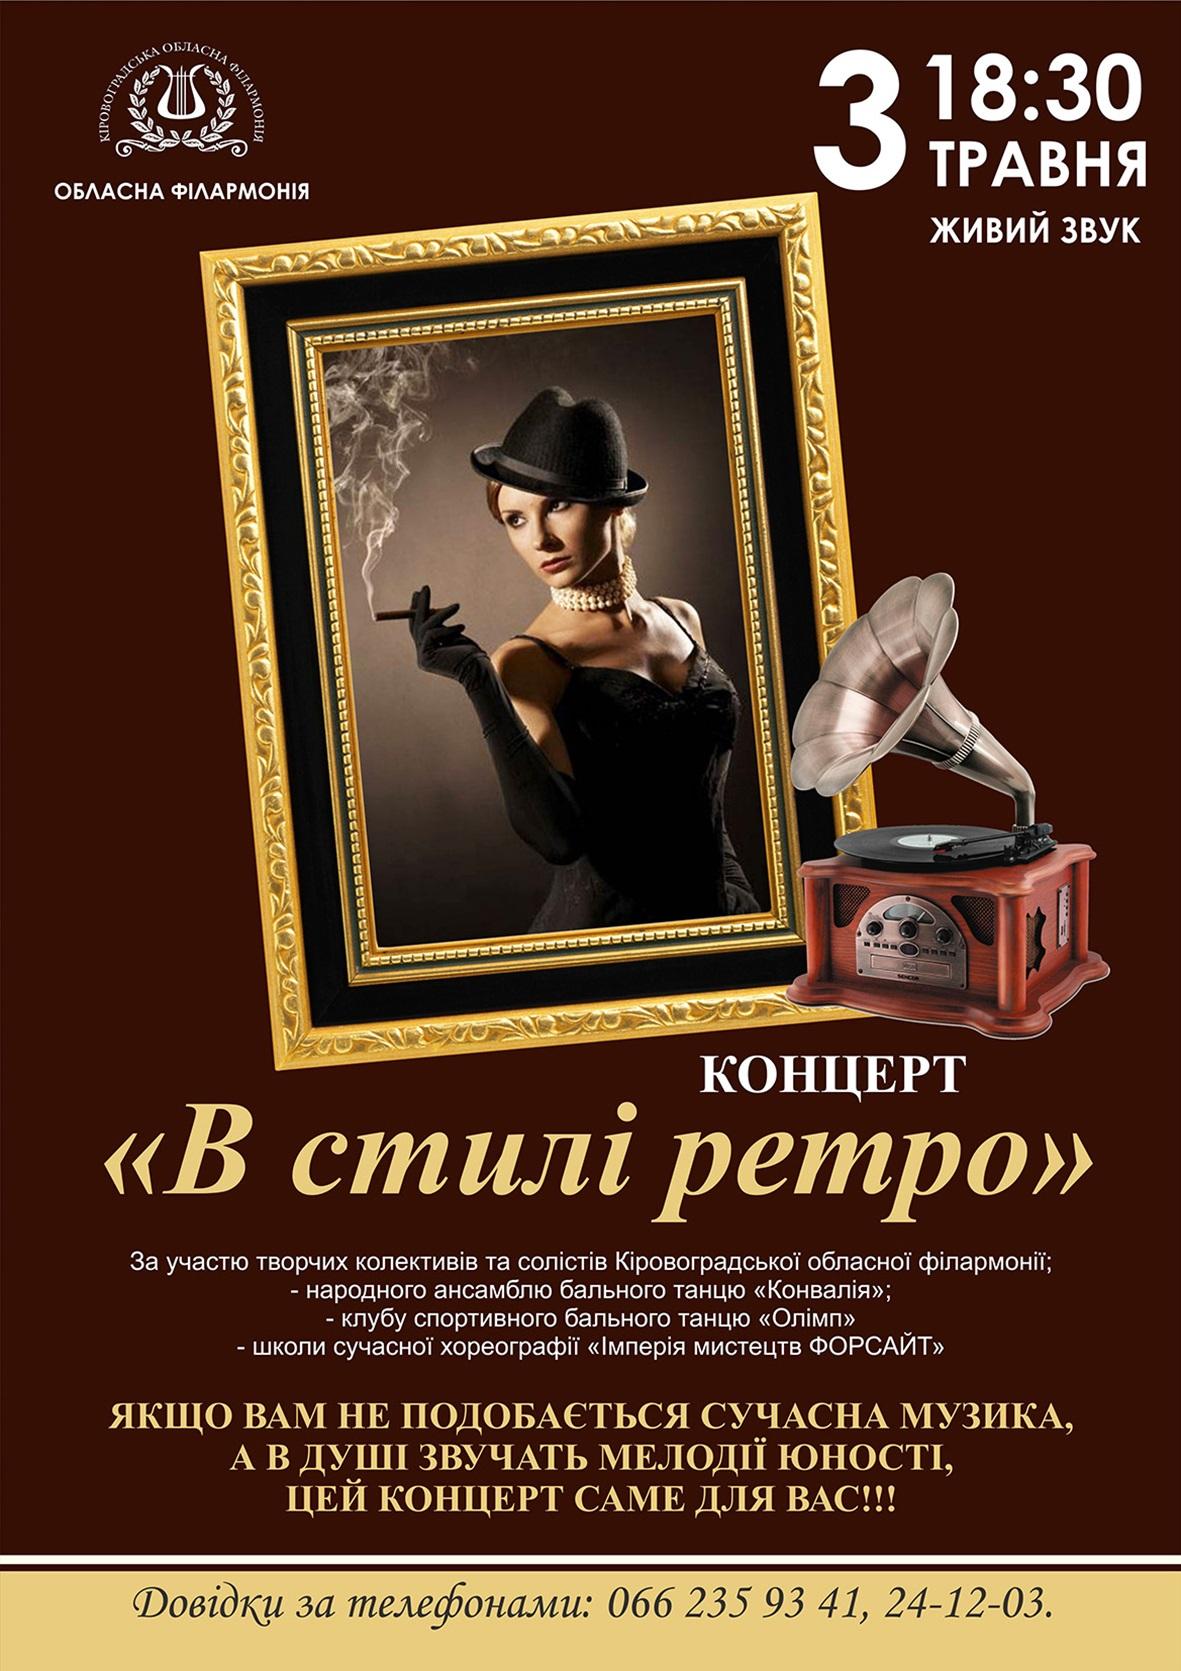 У філармонії відбудеться концерт для шанувальників музики і танців у стилі ретро - 1 - Культура - Без Купюр